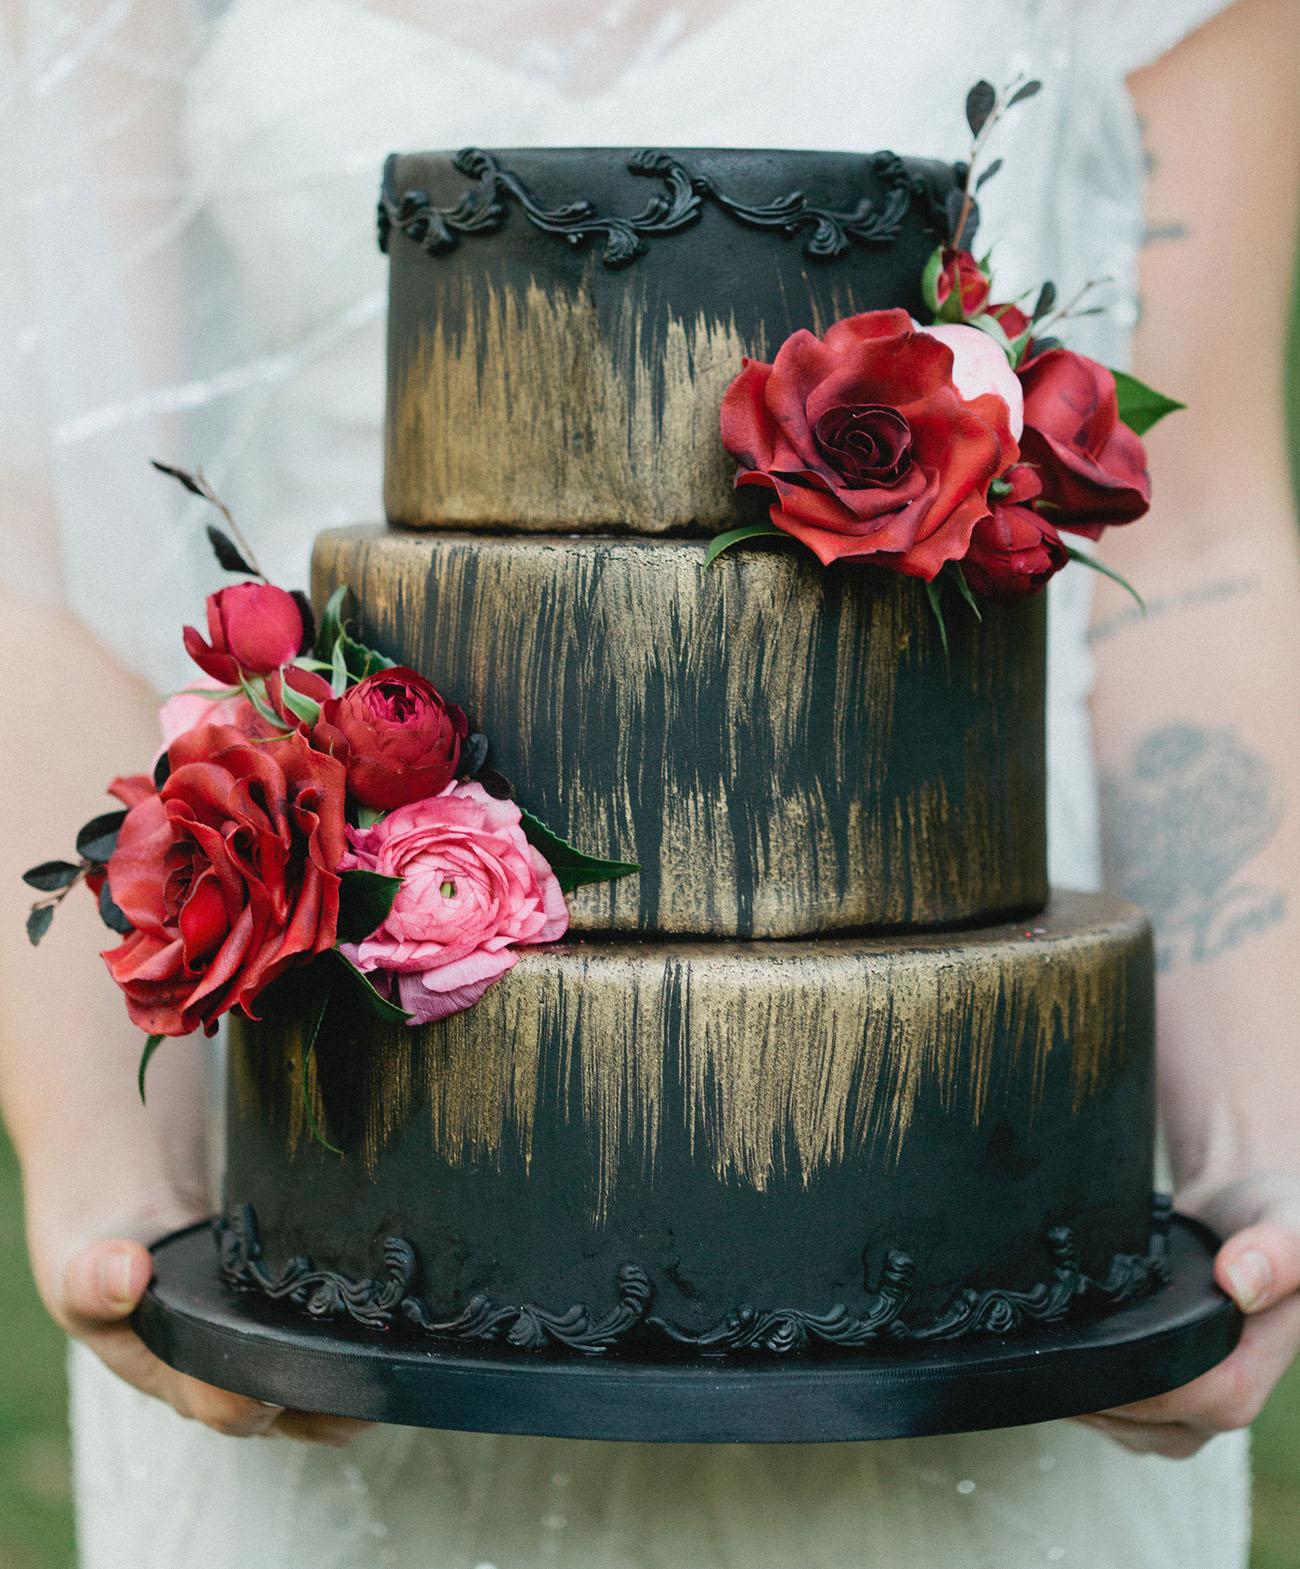 Most Romantic Birthday Cakes